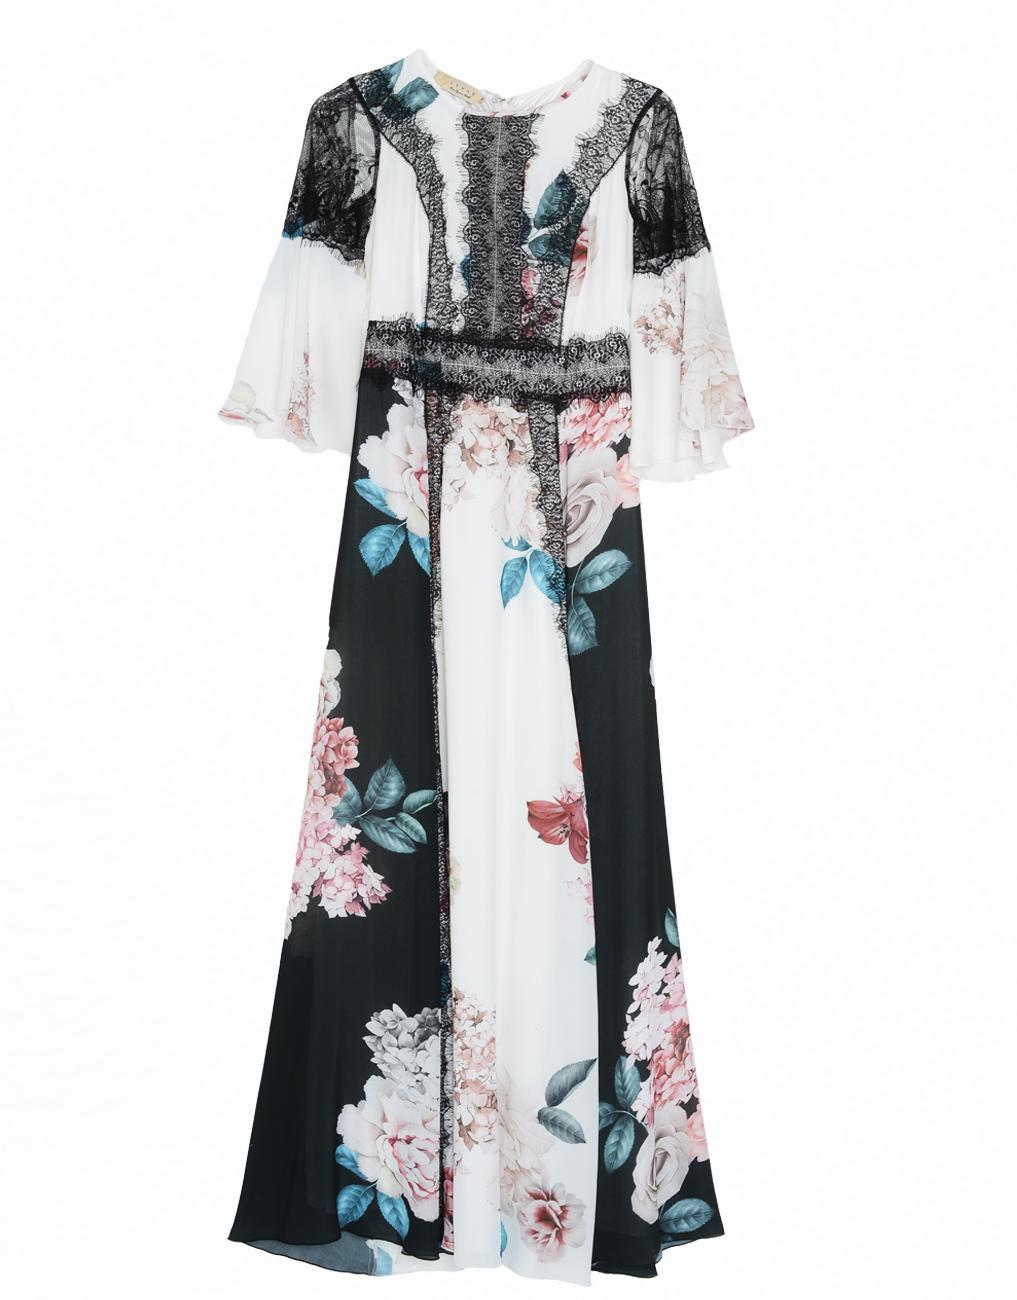 Αν δεν είναι το μάξι φλοράλ φόρεμα το απόλυτο πασπαρτού κομμάτι της σεζόν c170ef0f8cf